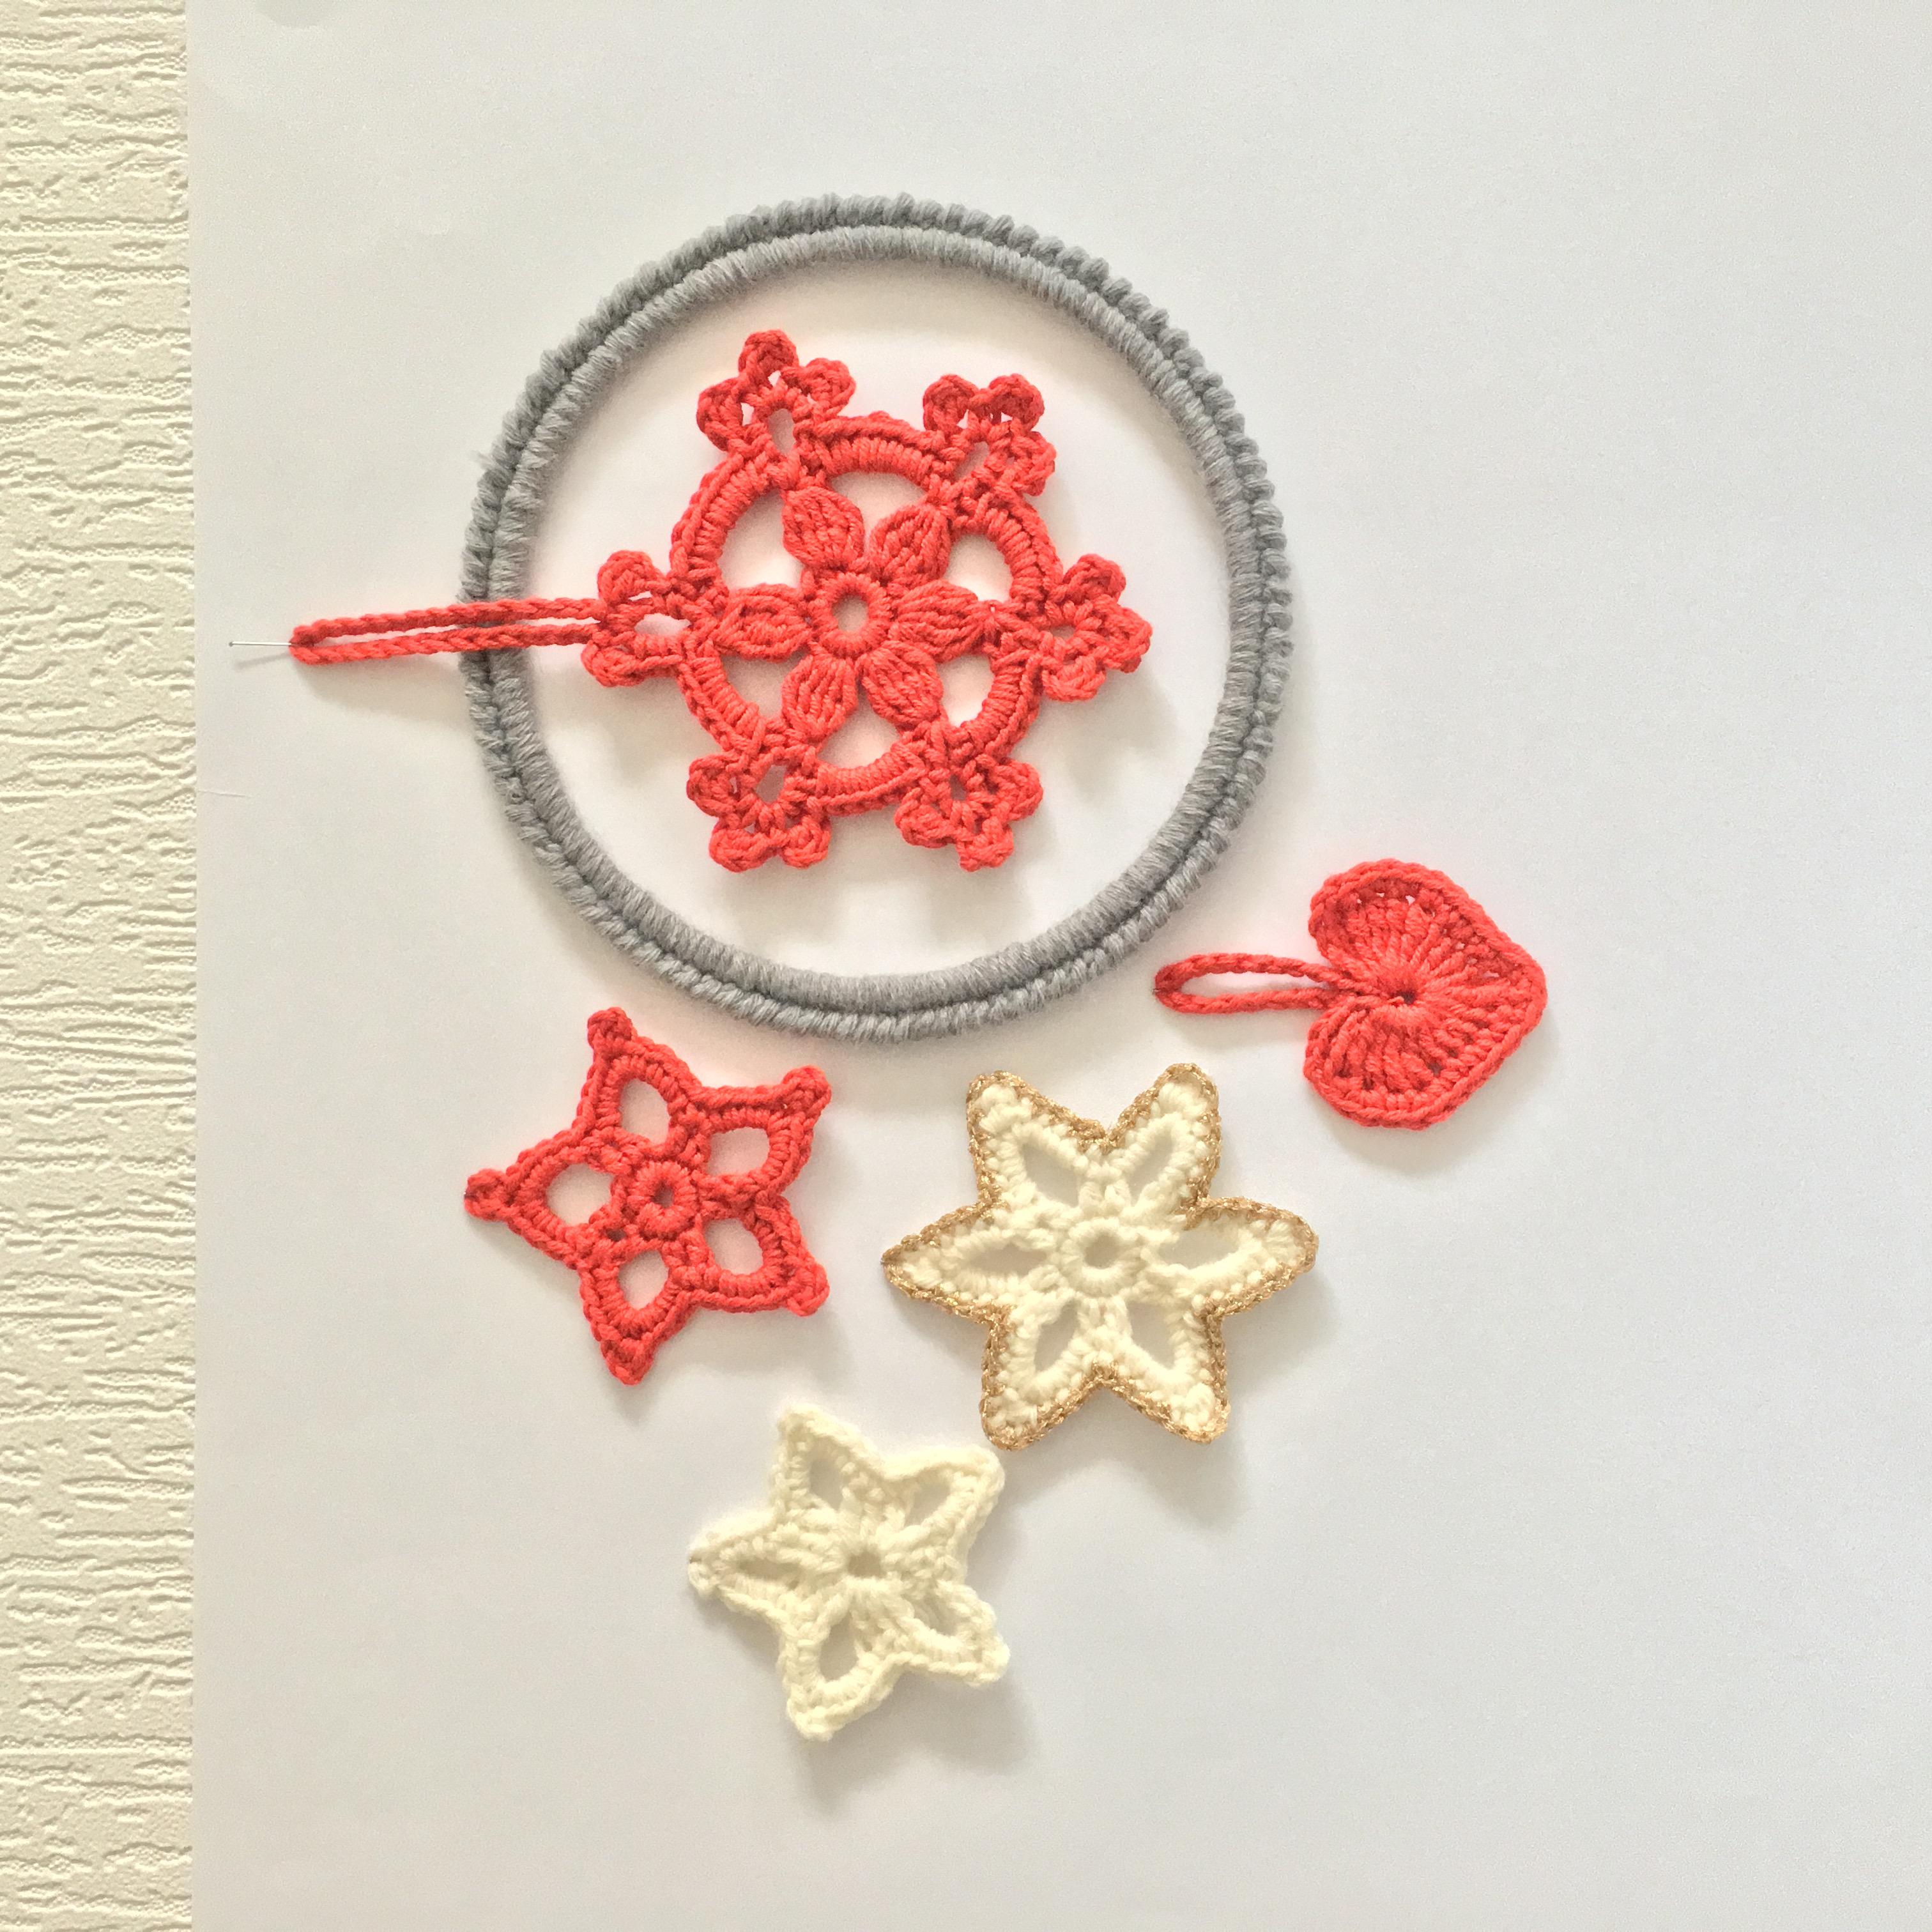 #C01A0B Décoration De Noël Au Crochet 5643 idée déco noel au crochet 3024x3024 px @ aertt.com